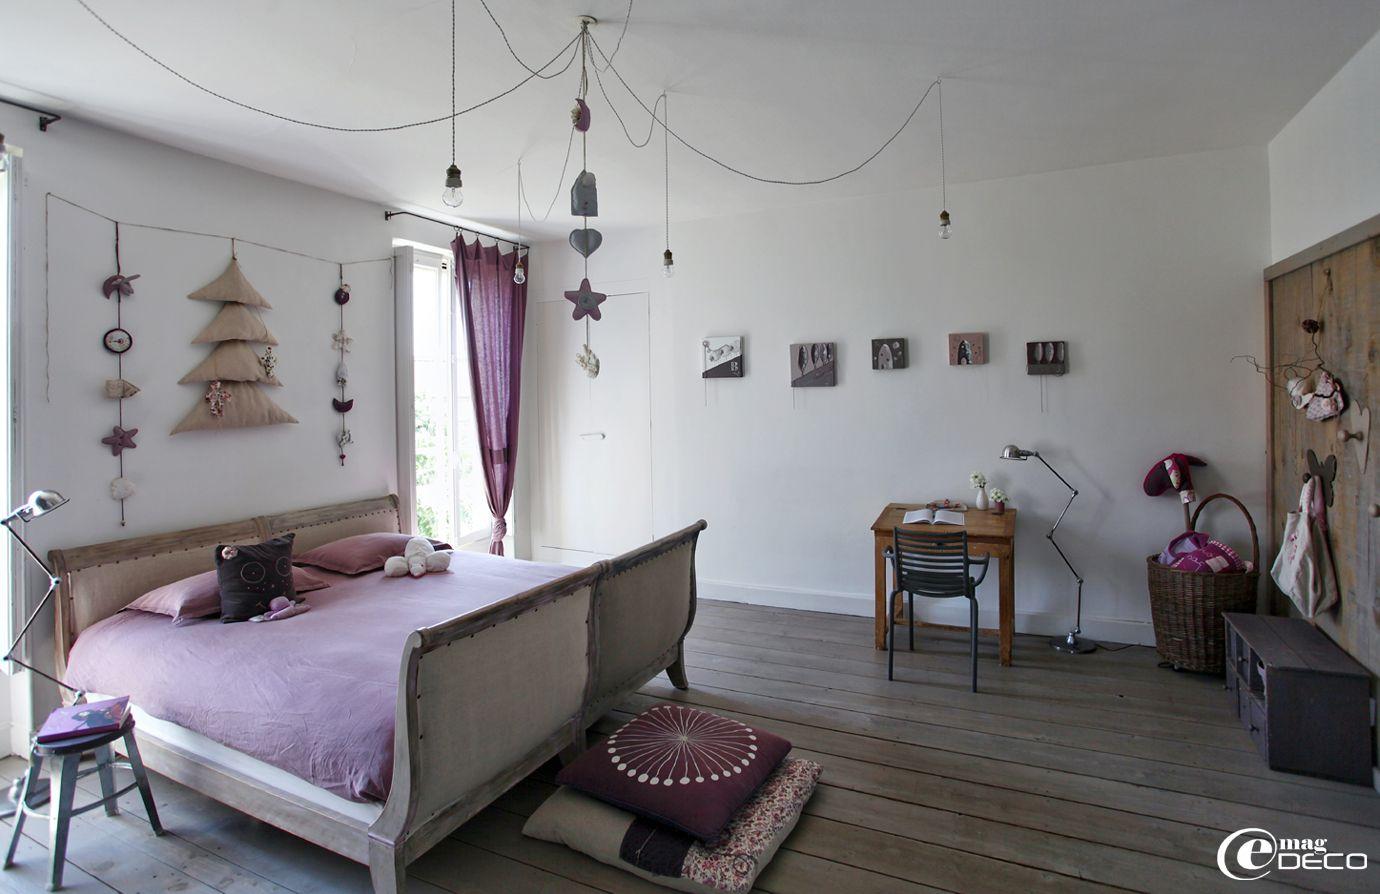 chambre de jeune fille d cor e par b atrice loncle. Black Bedroom Furniture Sets. Home Design Ideas